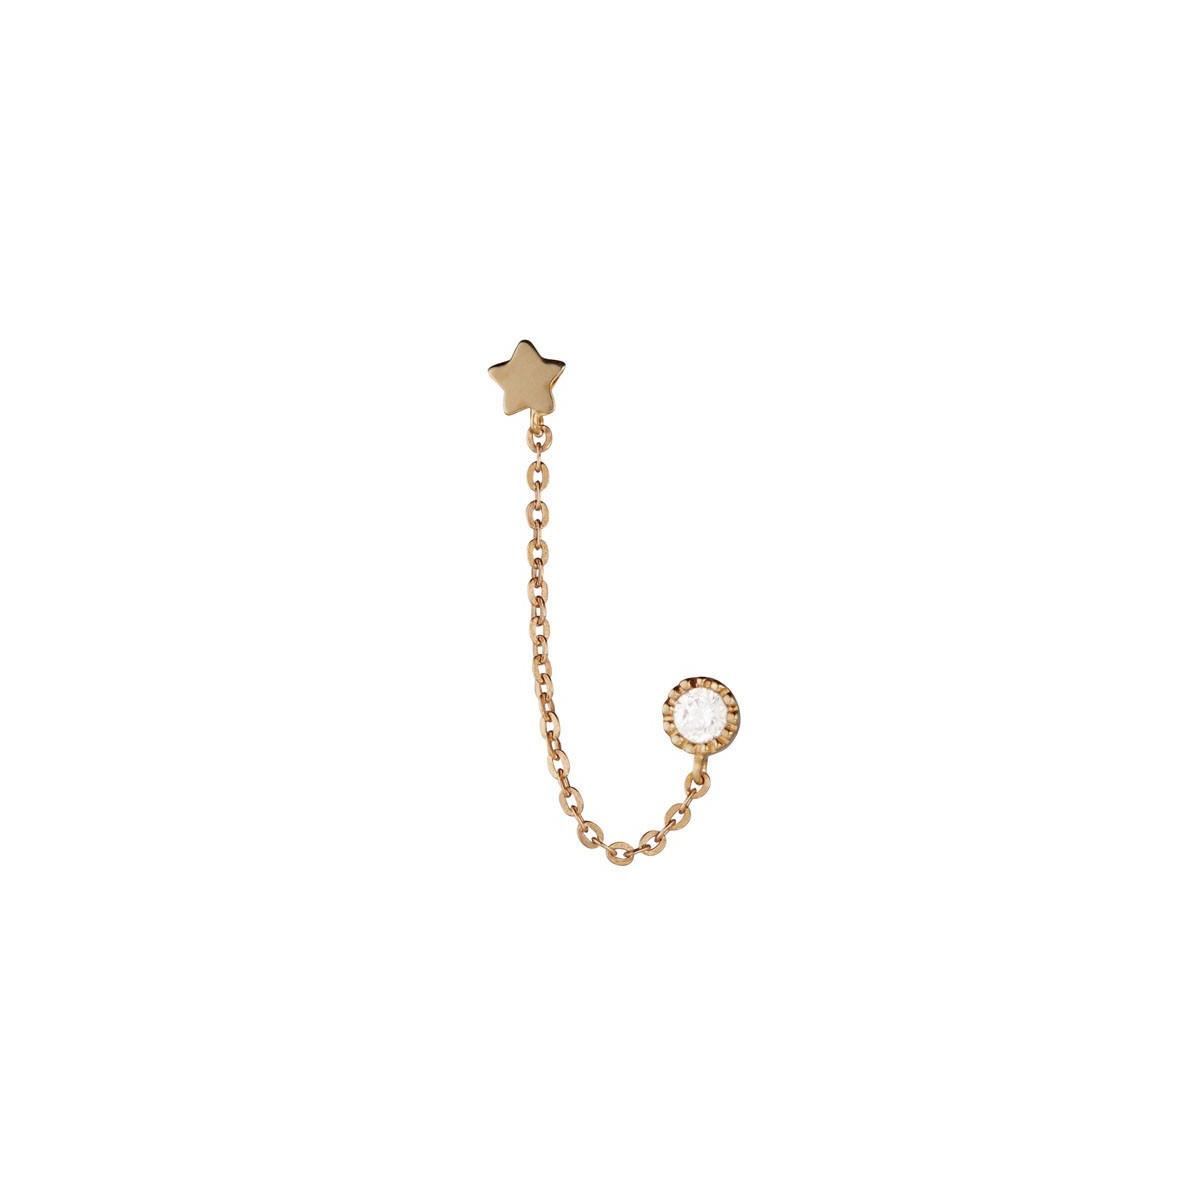 Boucles d'oreilles femme royal Or Jaune 375 et zirconium